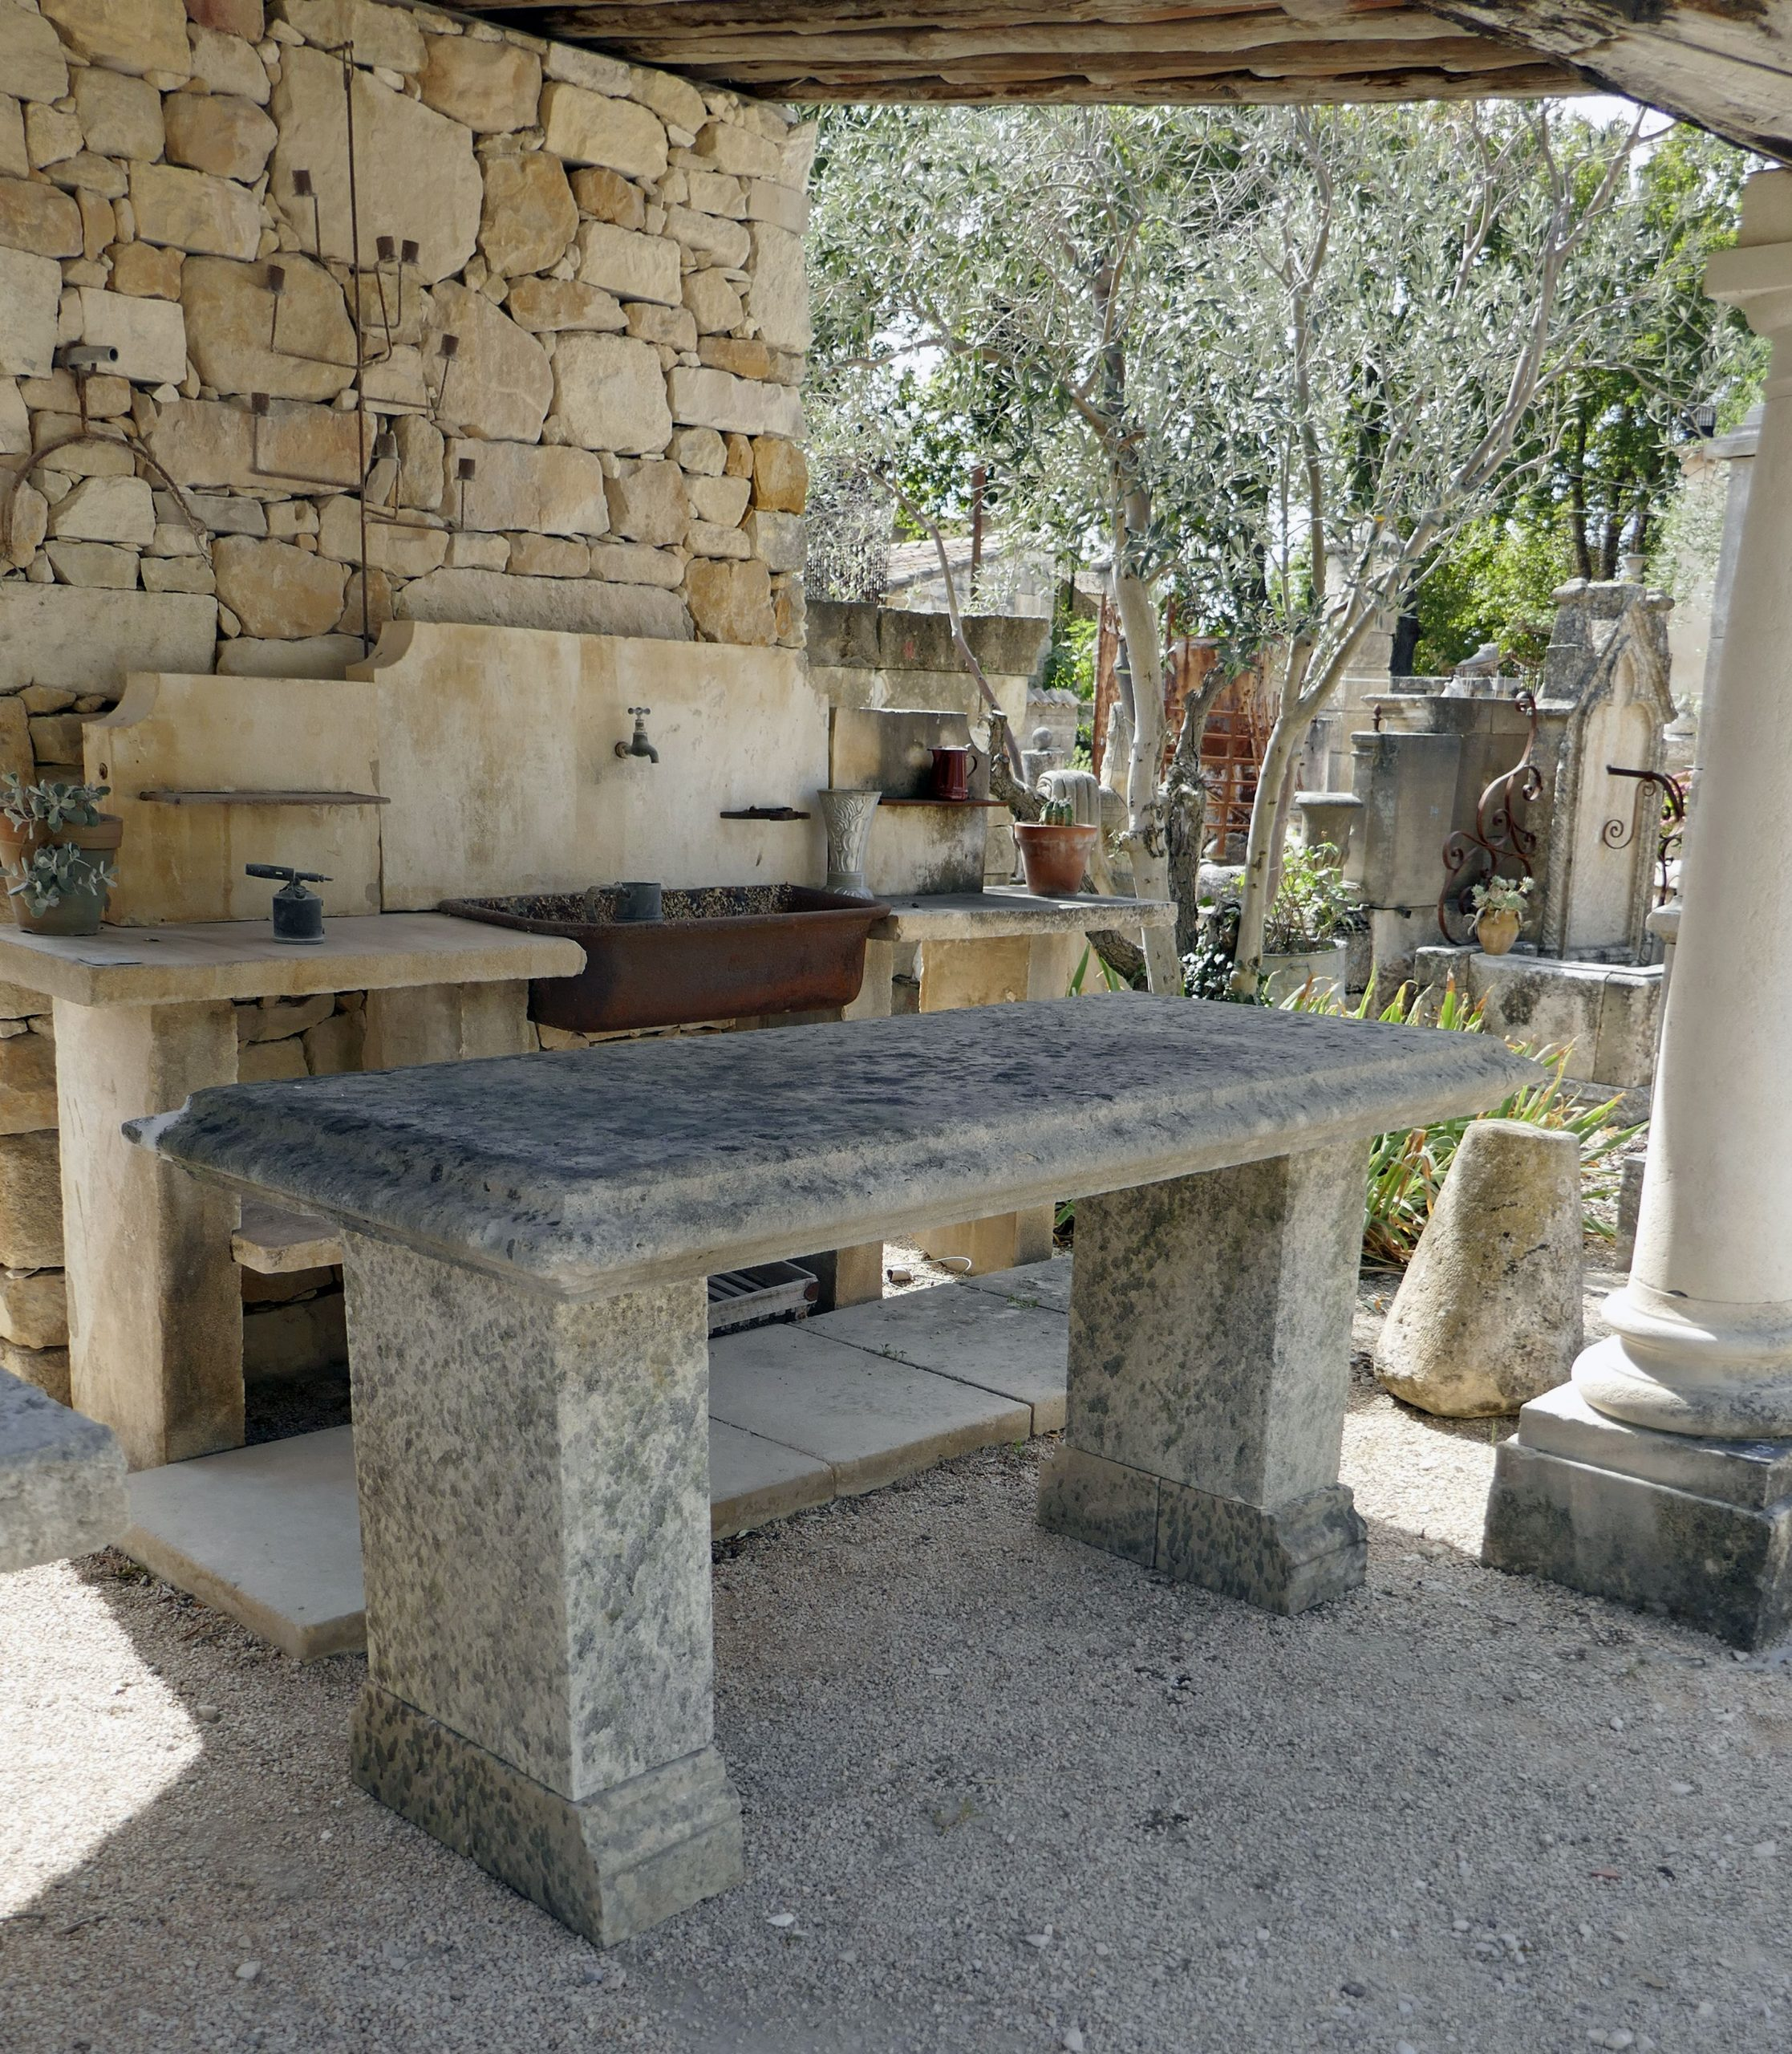 Cette Table De Jardin En Pierre Ancienne Patinée Présente Un ... dedans Salon De Jardin En Fonte Ancien